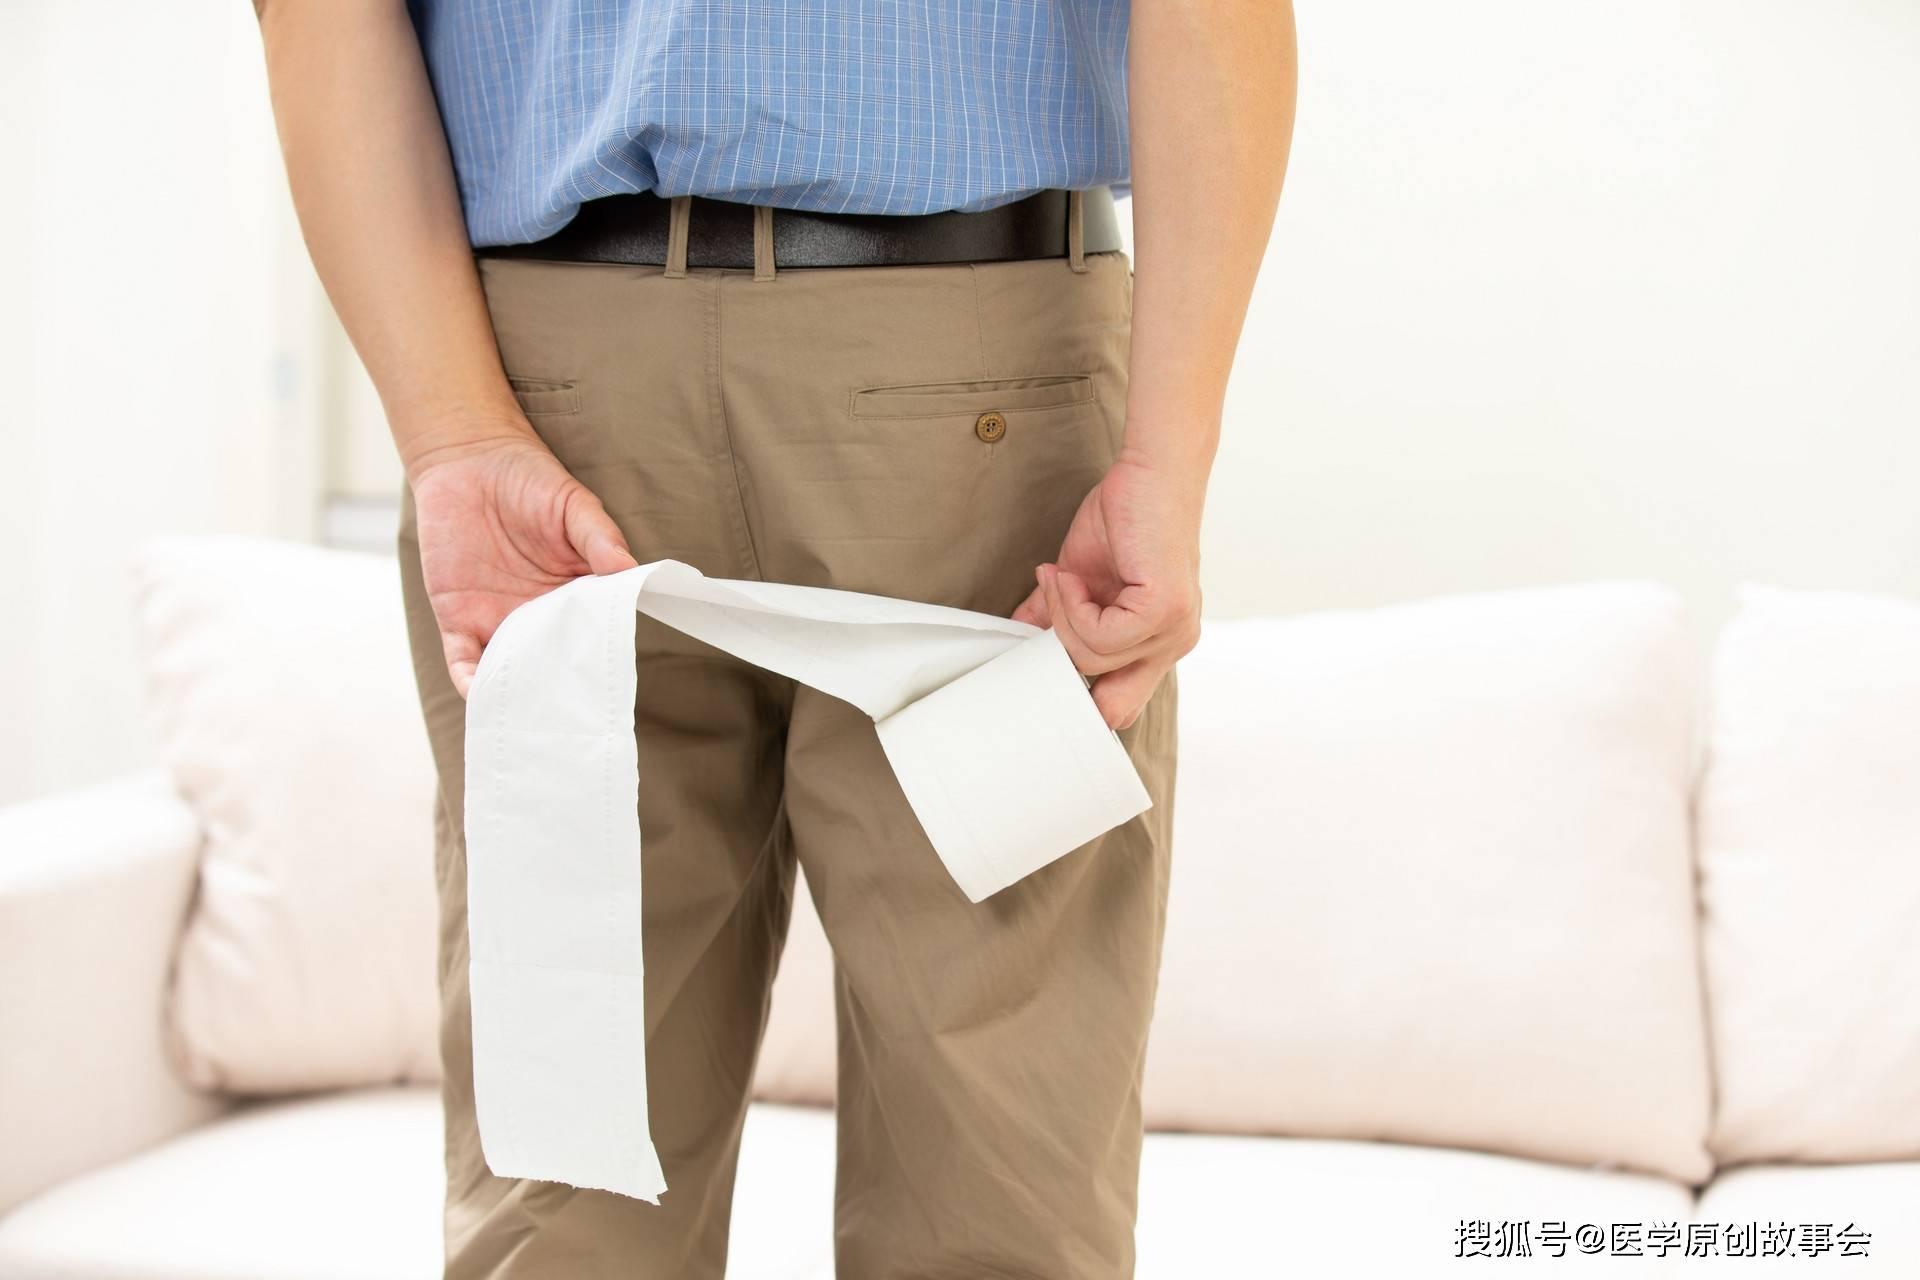 天津一菜市场经常抬出冰棺,执法人员查封私改殡仪馆